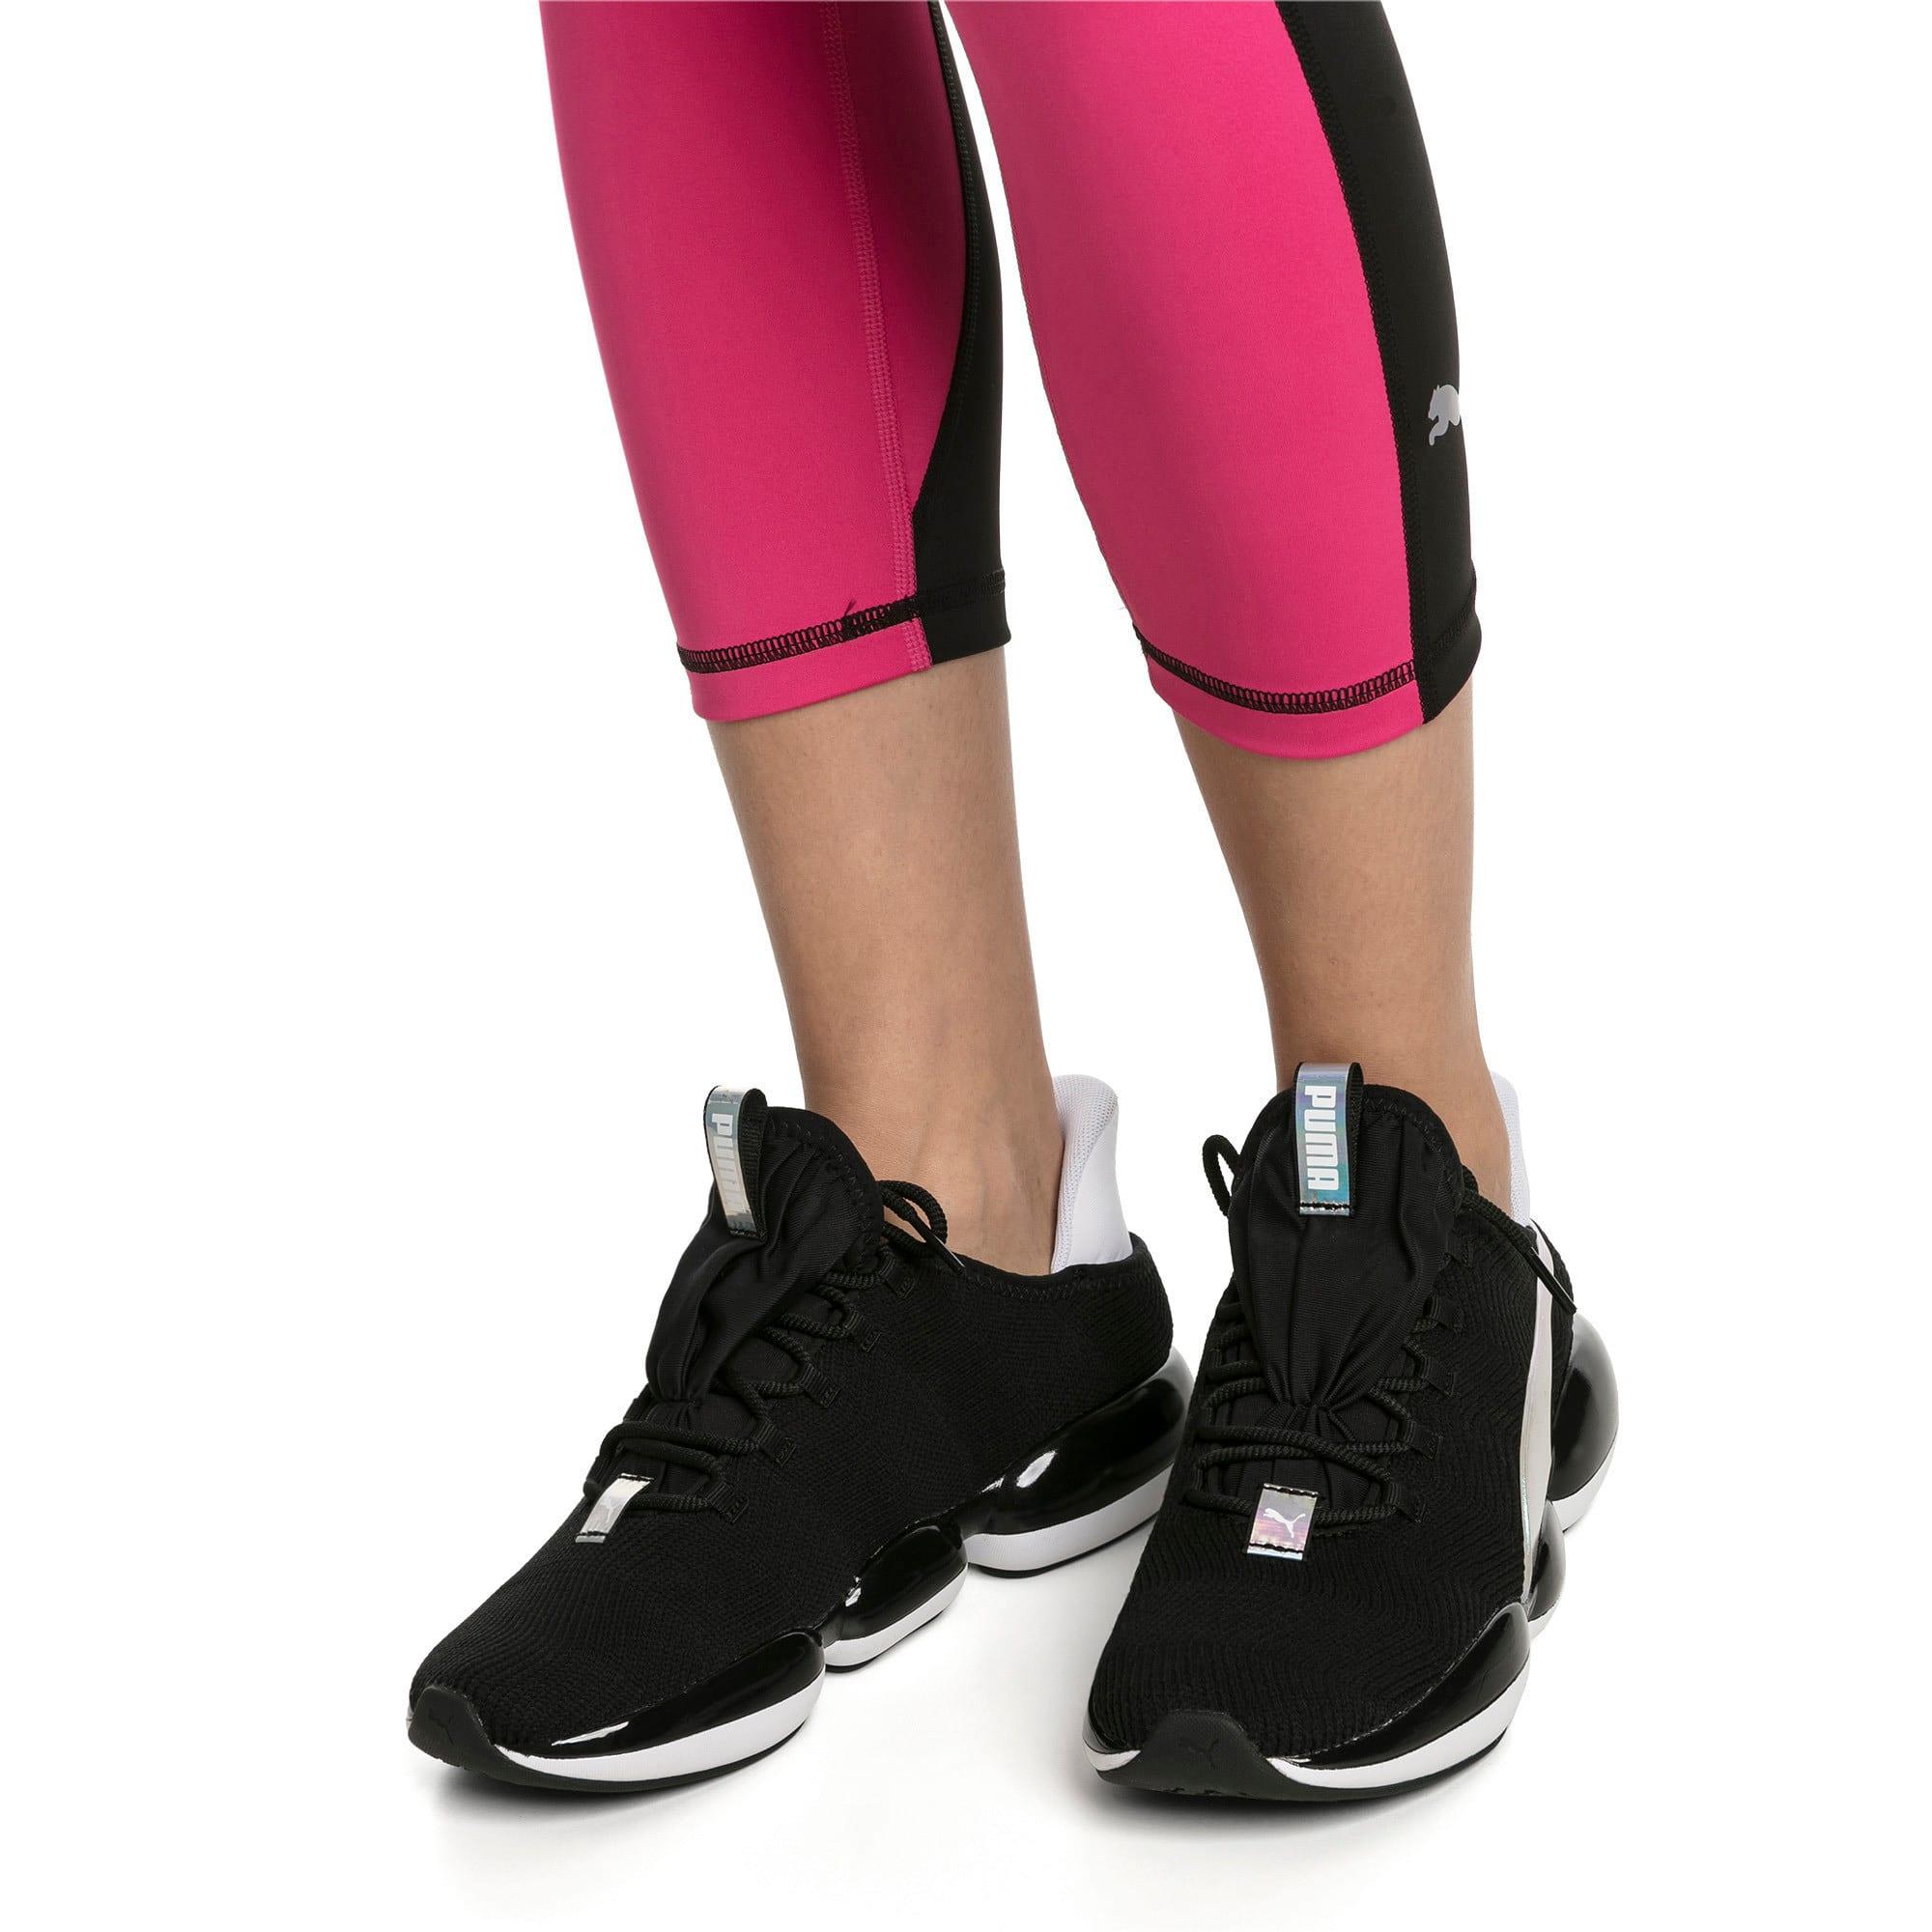 Miniatura 2 de Zapatos de entrenamiento iridiscentes Mode XT Trailblazer para mujer, Puma Black-Puma White, mediano